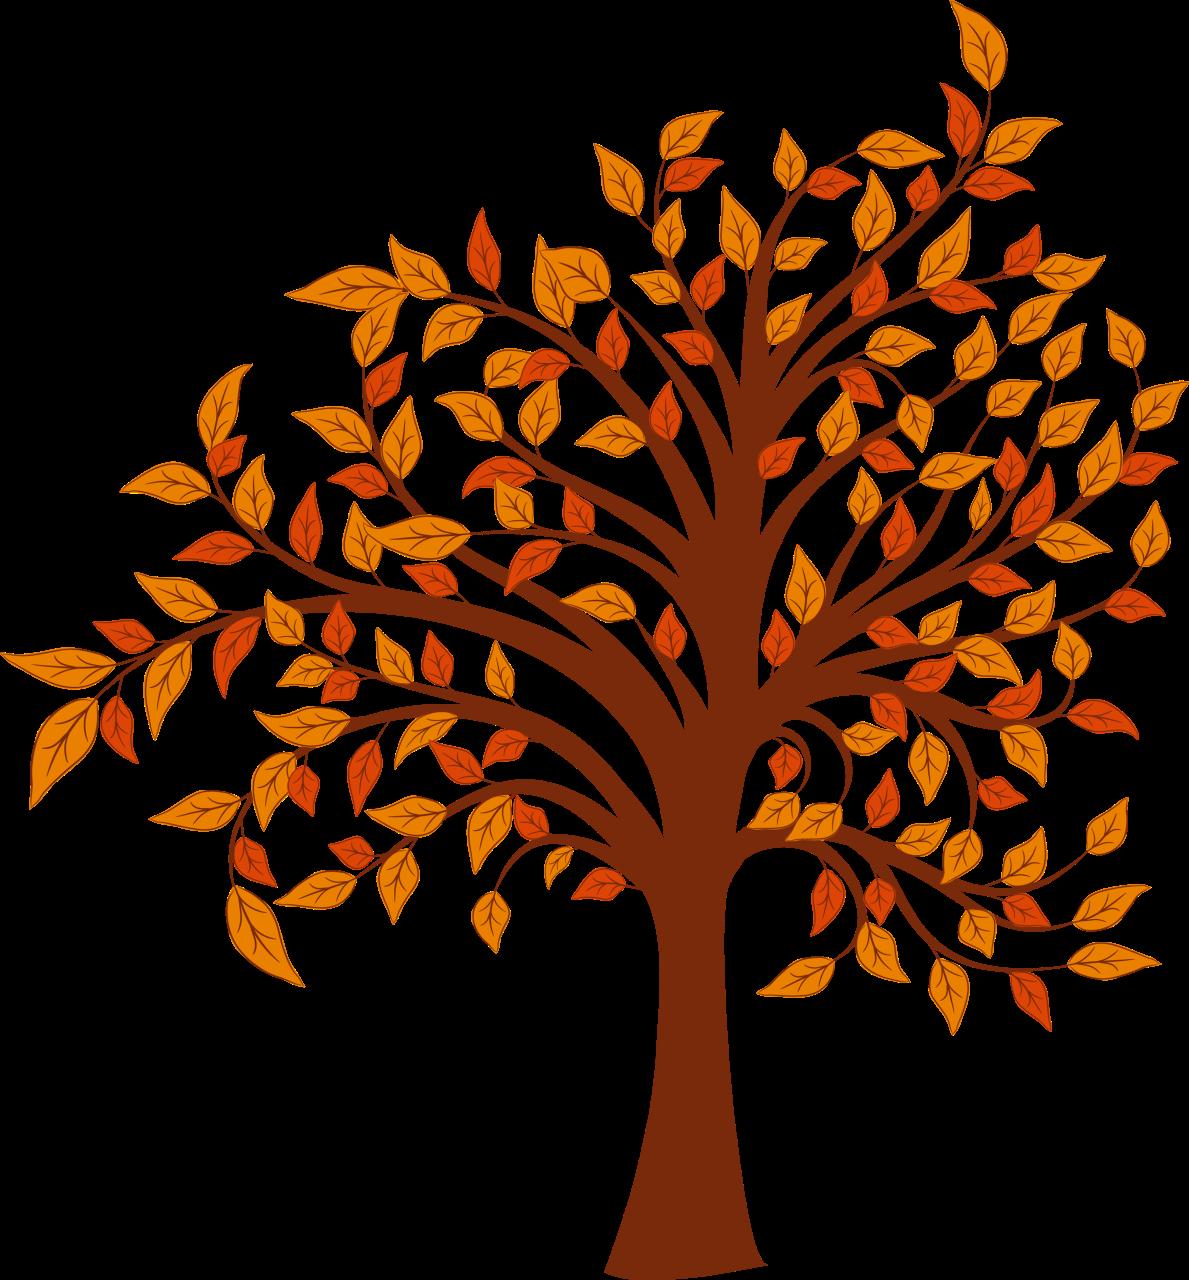 Autumn tree clipart - .